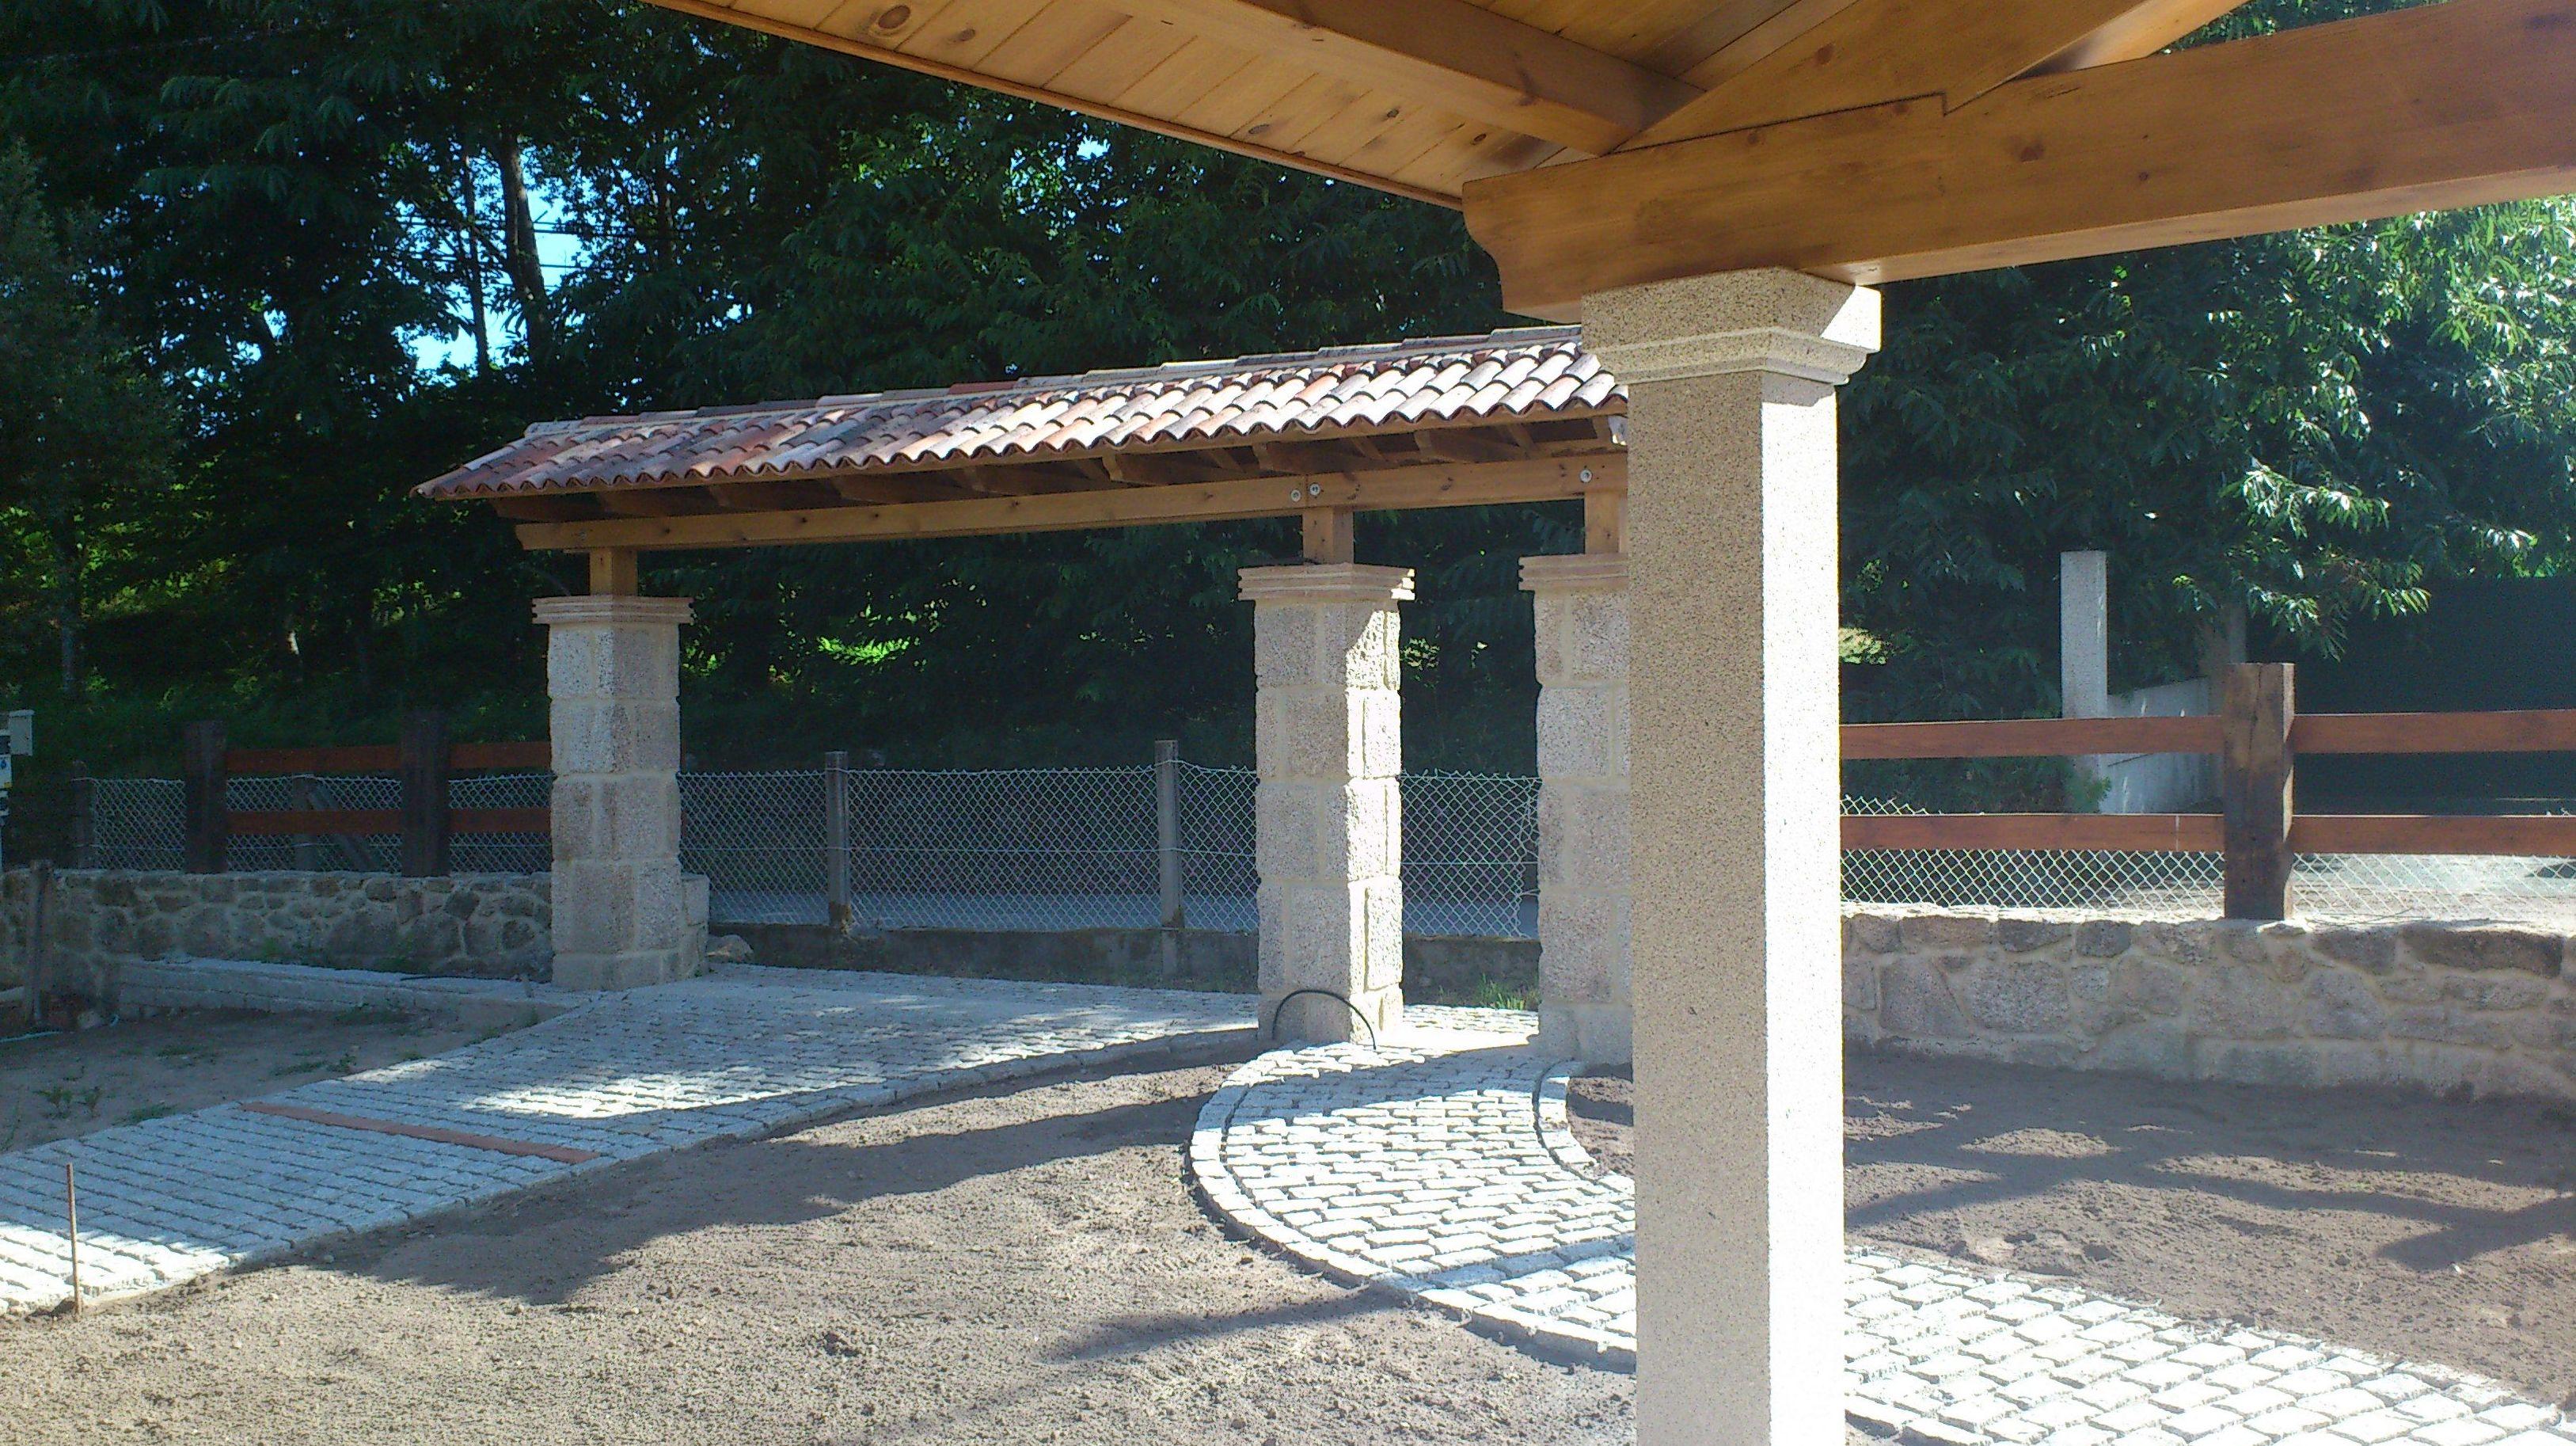 Trabajos en piedra en Pontevedra